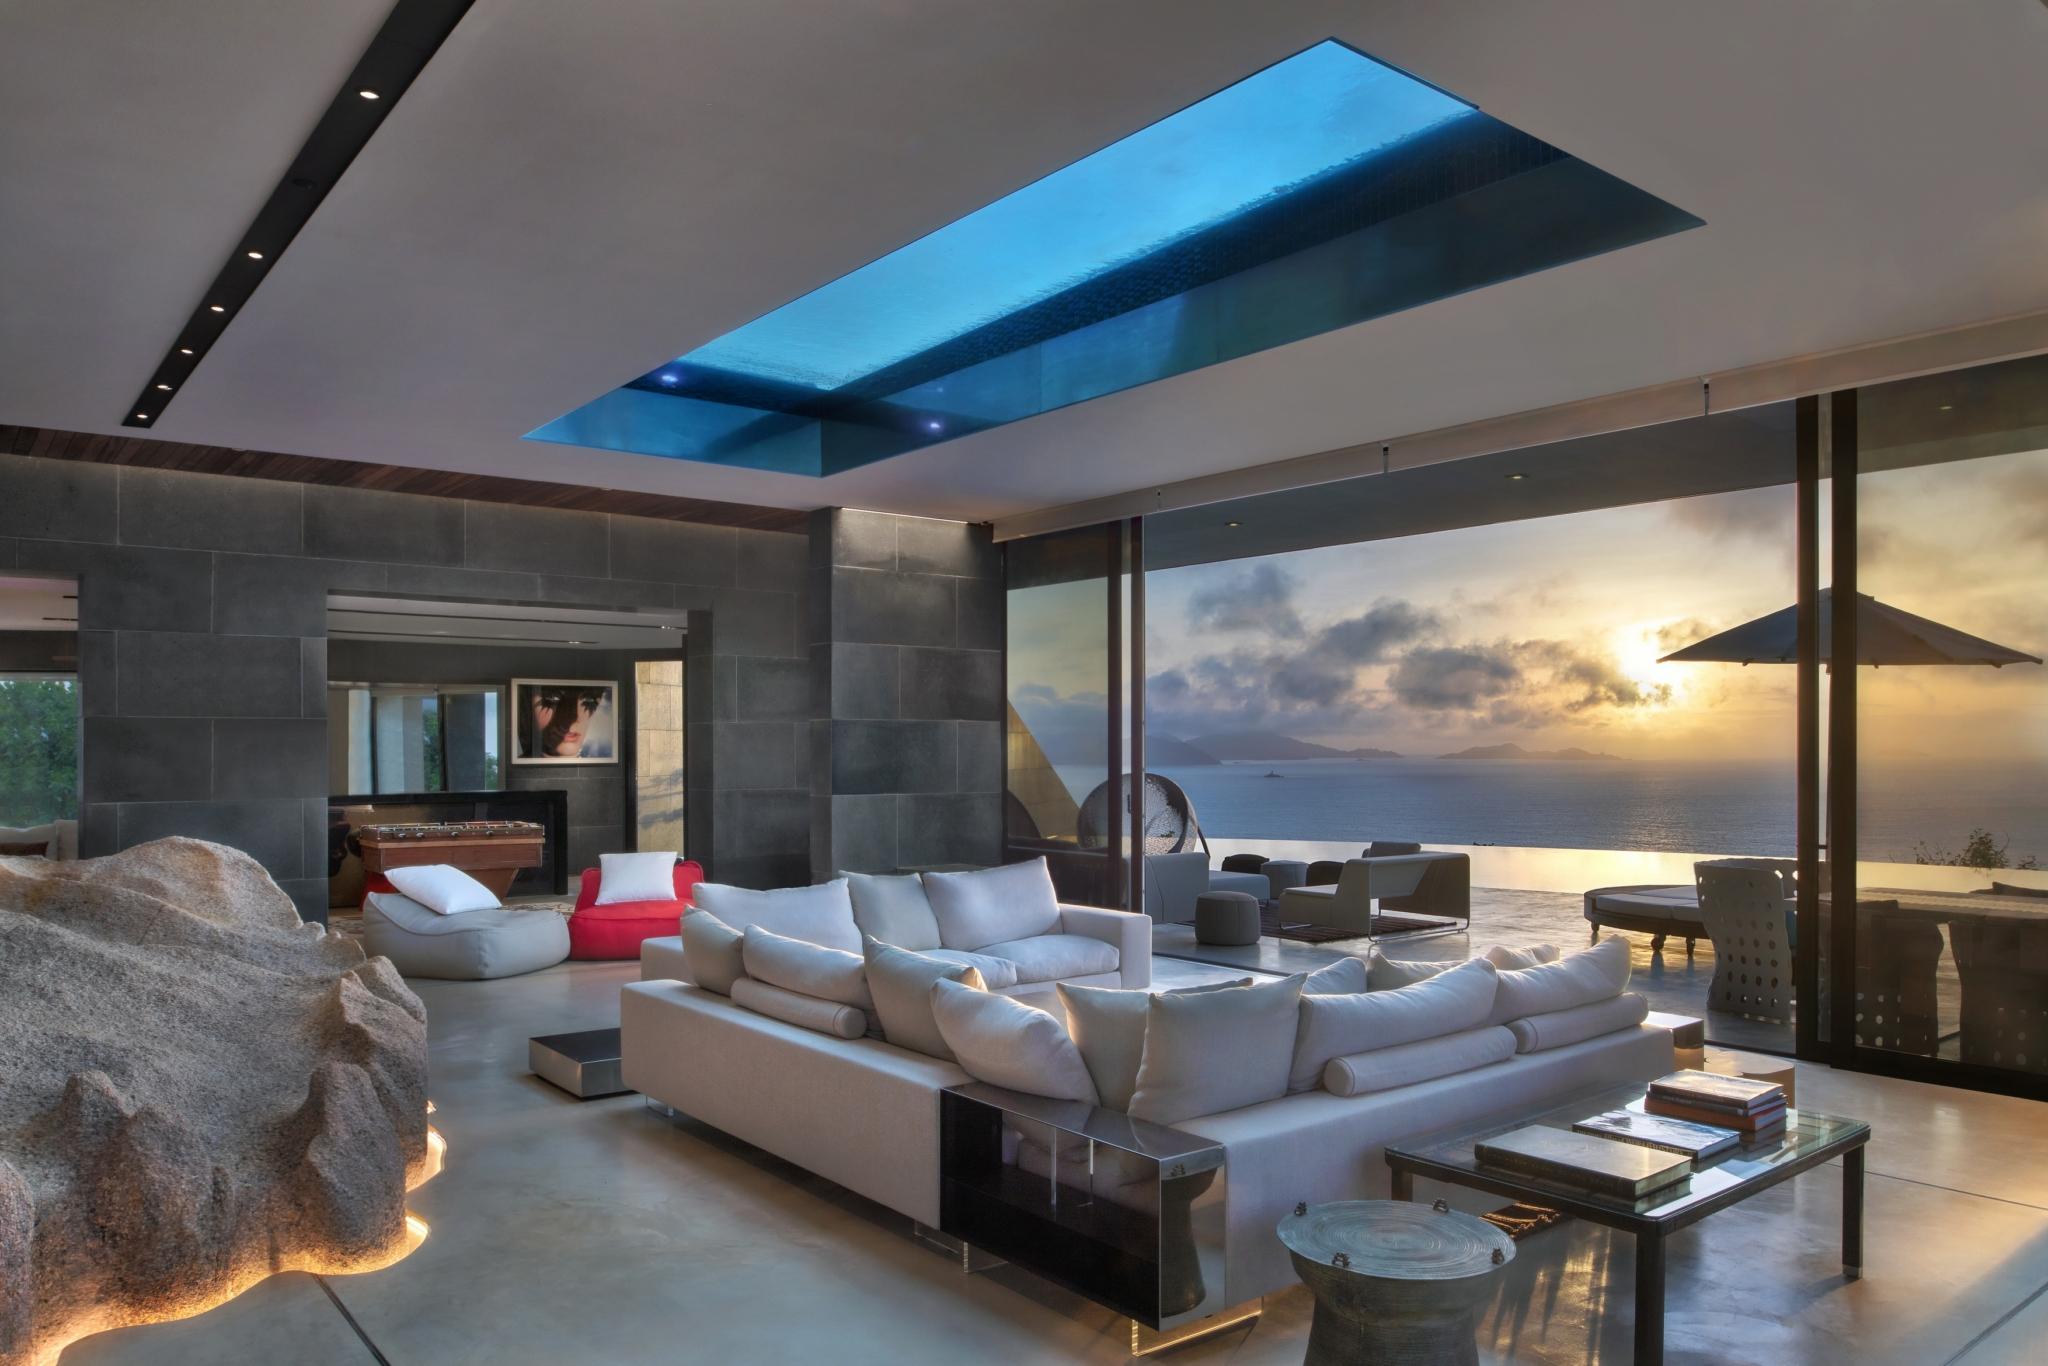 Готель ідеально підходить для відокремленого, романтичного відпочинку або незабутньої весільної подорожі, недарма назва курорту перекладається як -